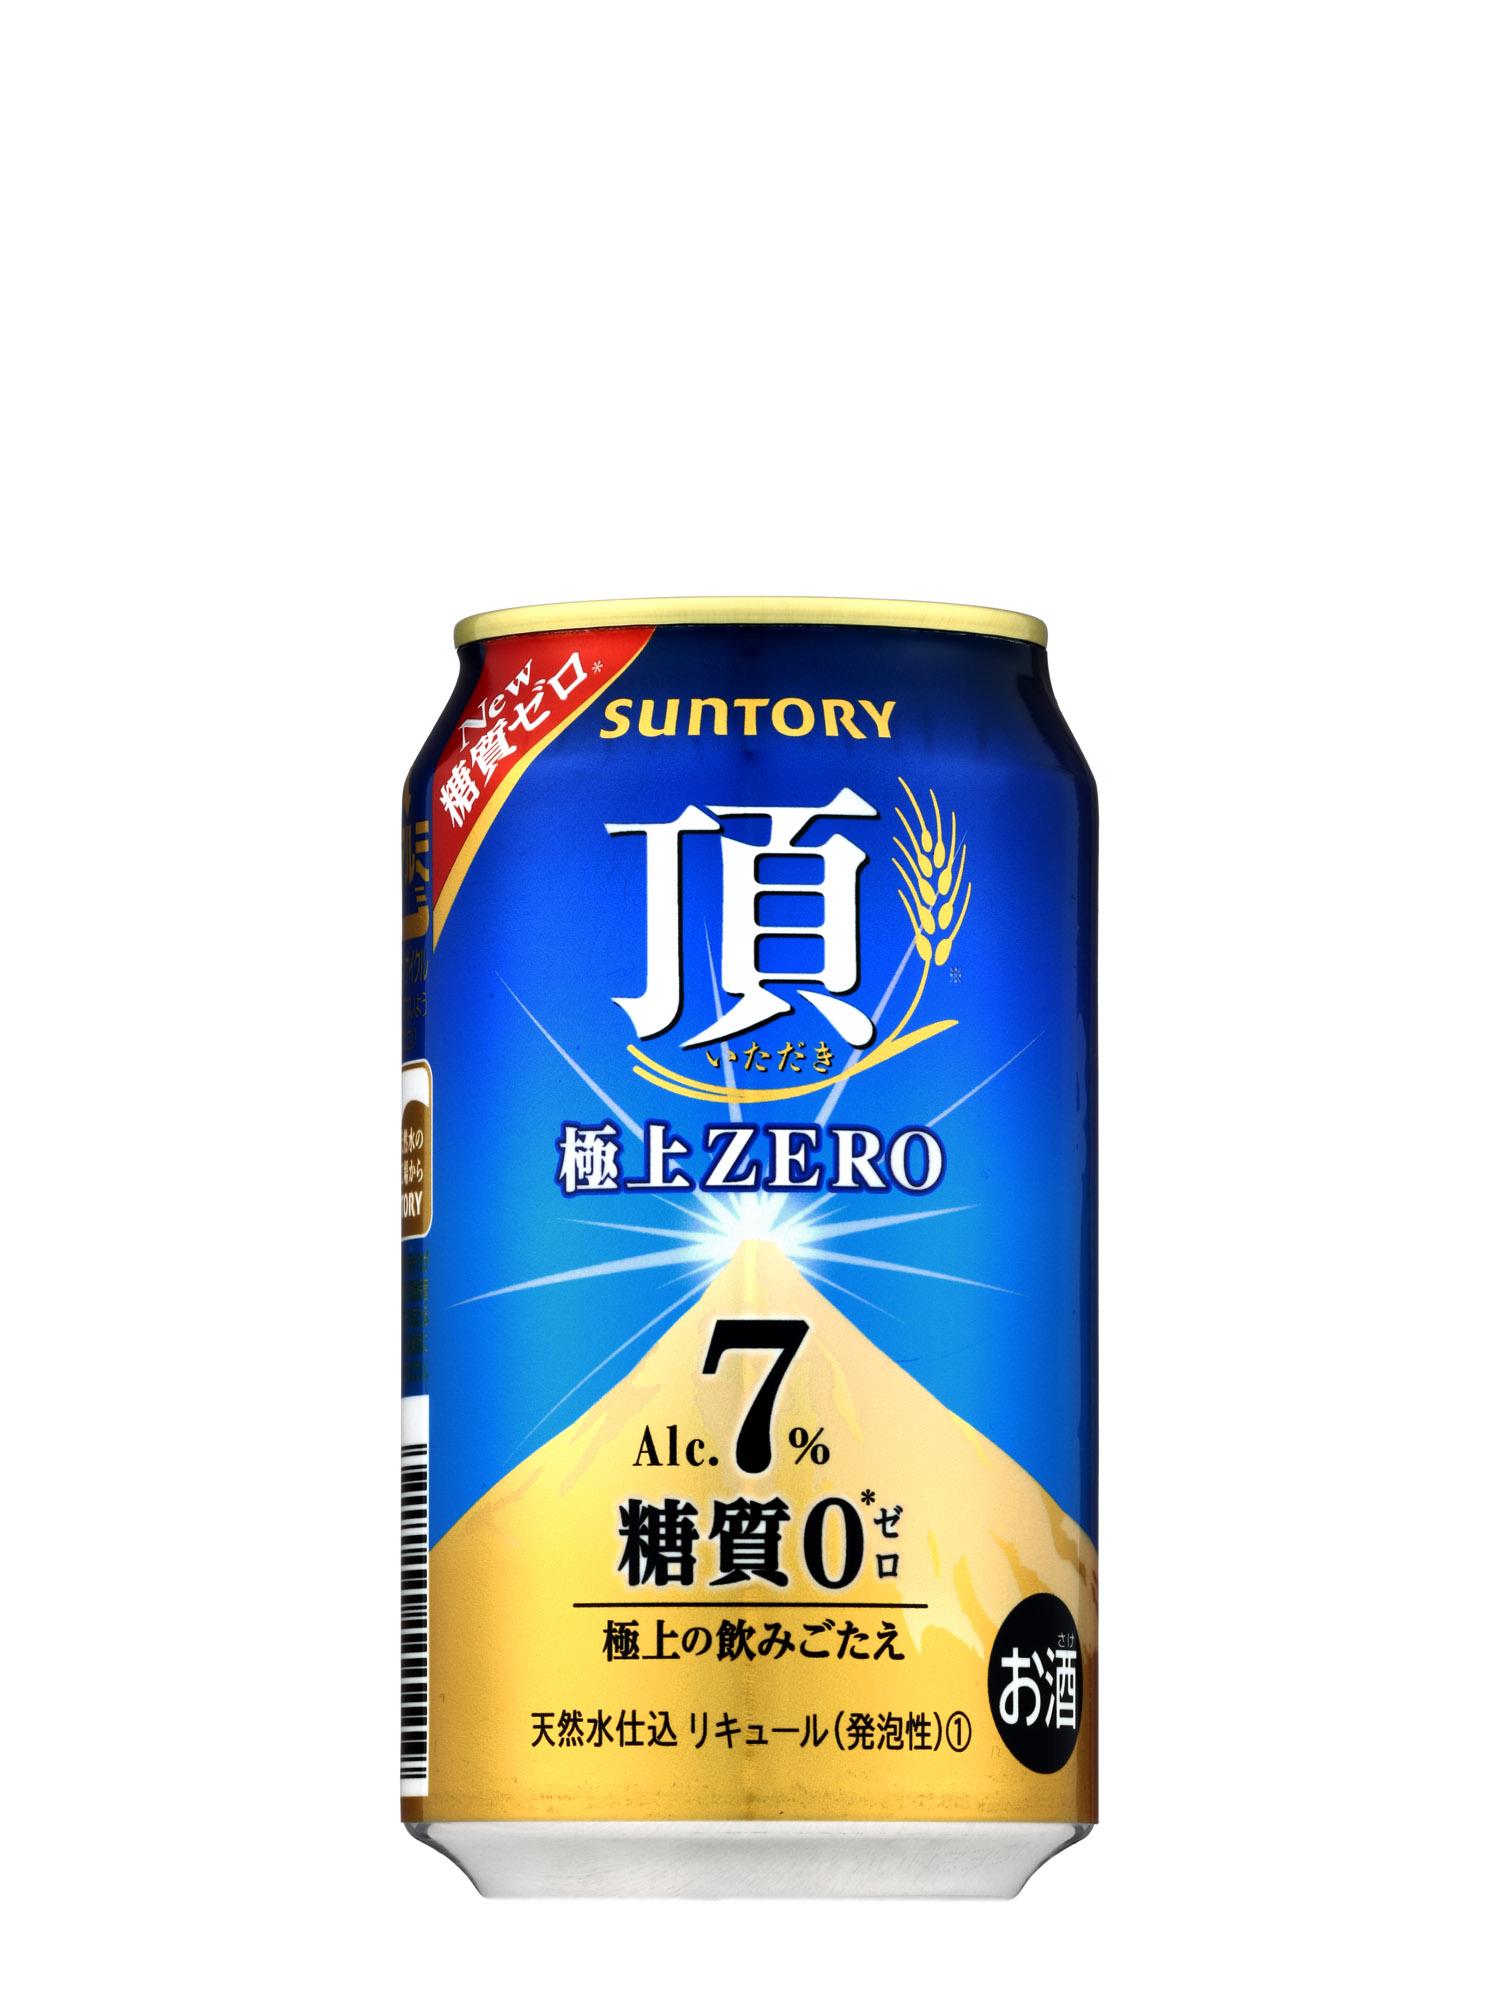 新ジャンル「頂〈極上ZERO〉」新発売 2018年1月30日 ニュースリリース サントリー